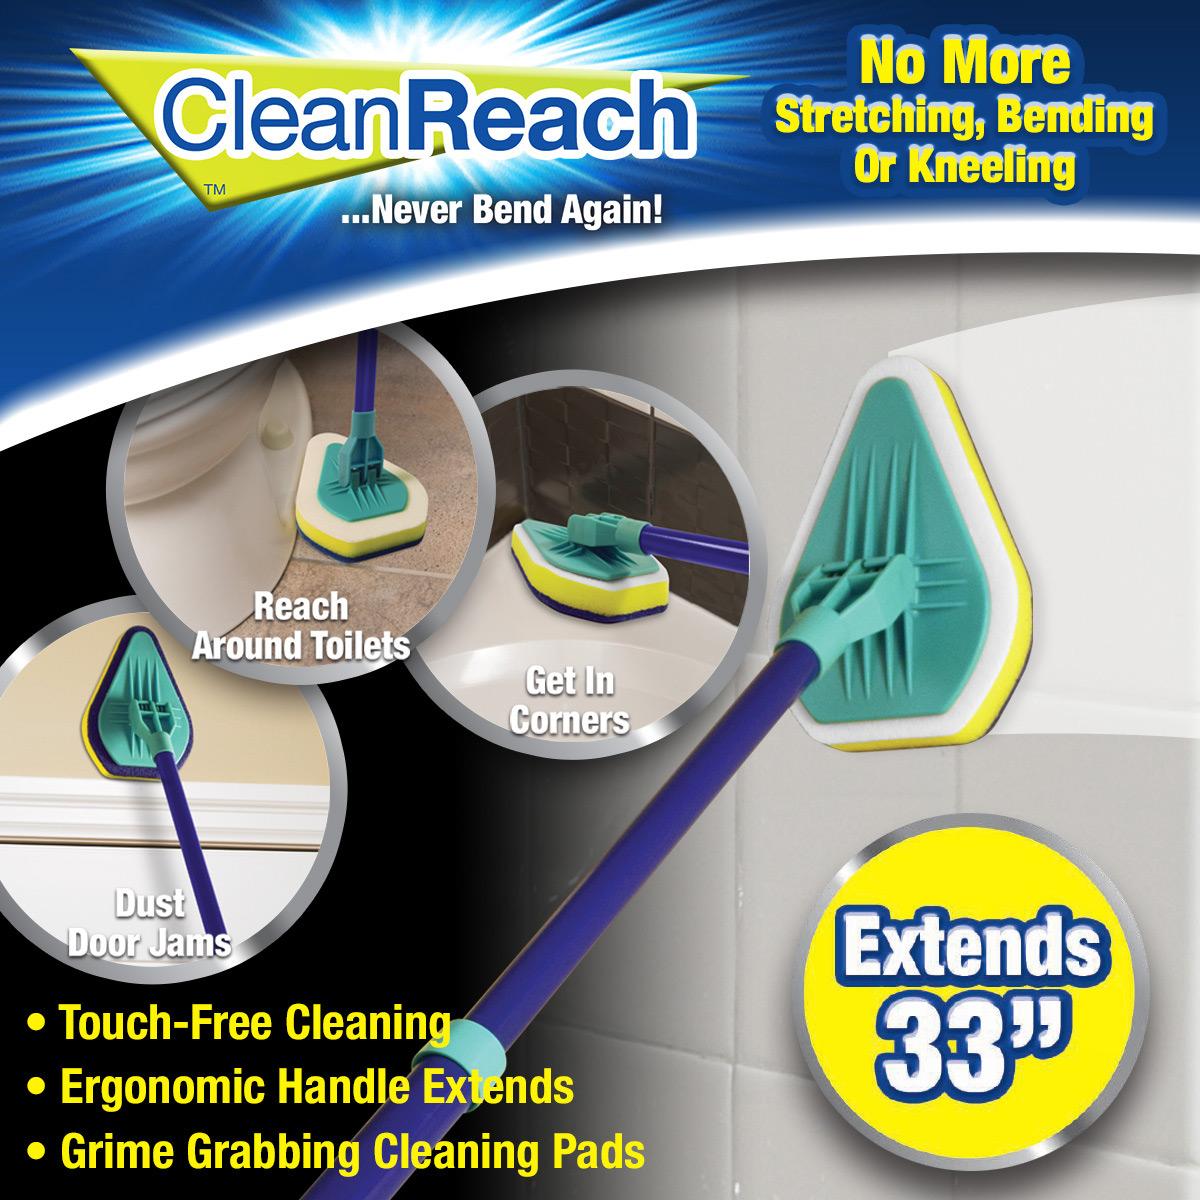 Clean Reach